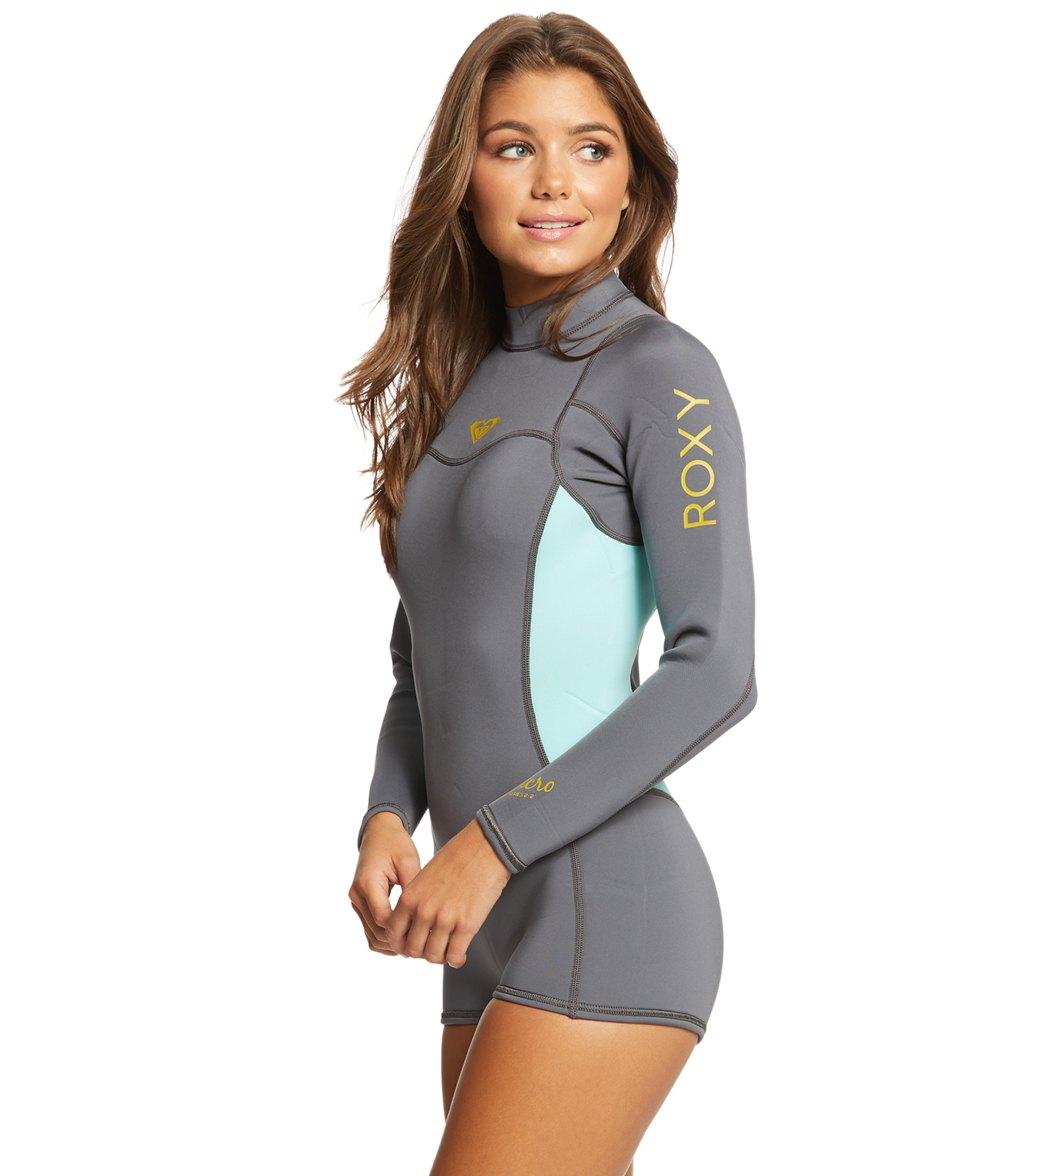 06226a71f9 Roxy Women's 2u002F2MM Syncro Back Zip Long Sleeve Spring Suit